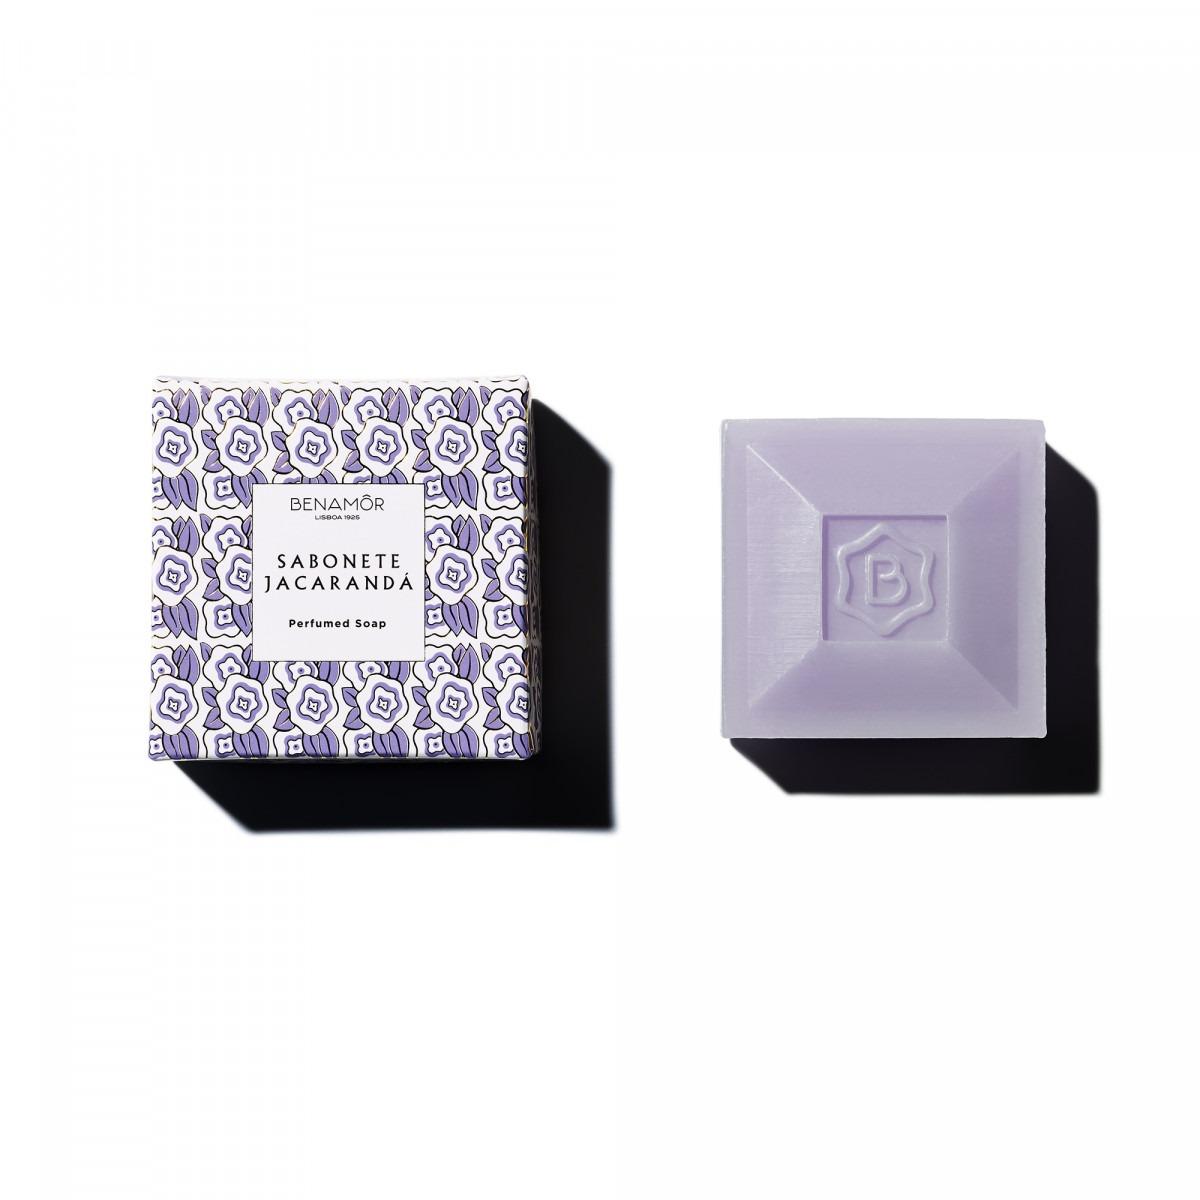 Benamôr Rose Amelie Original Soap 100g